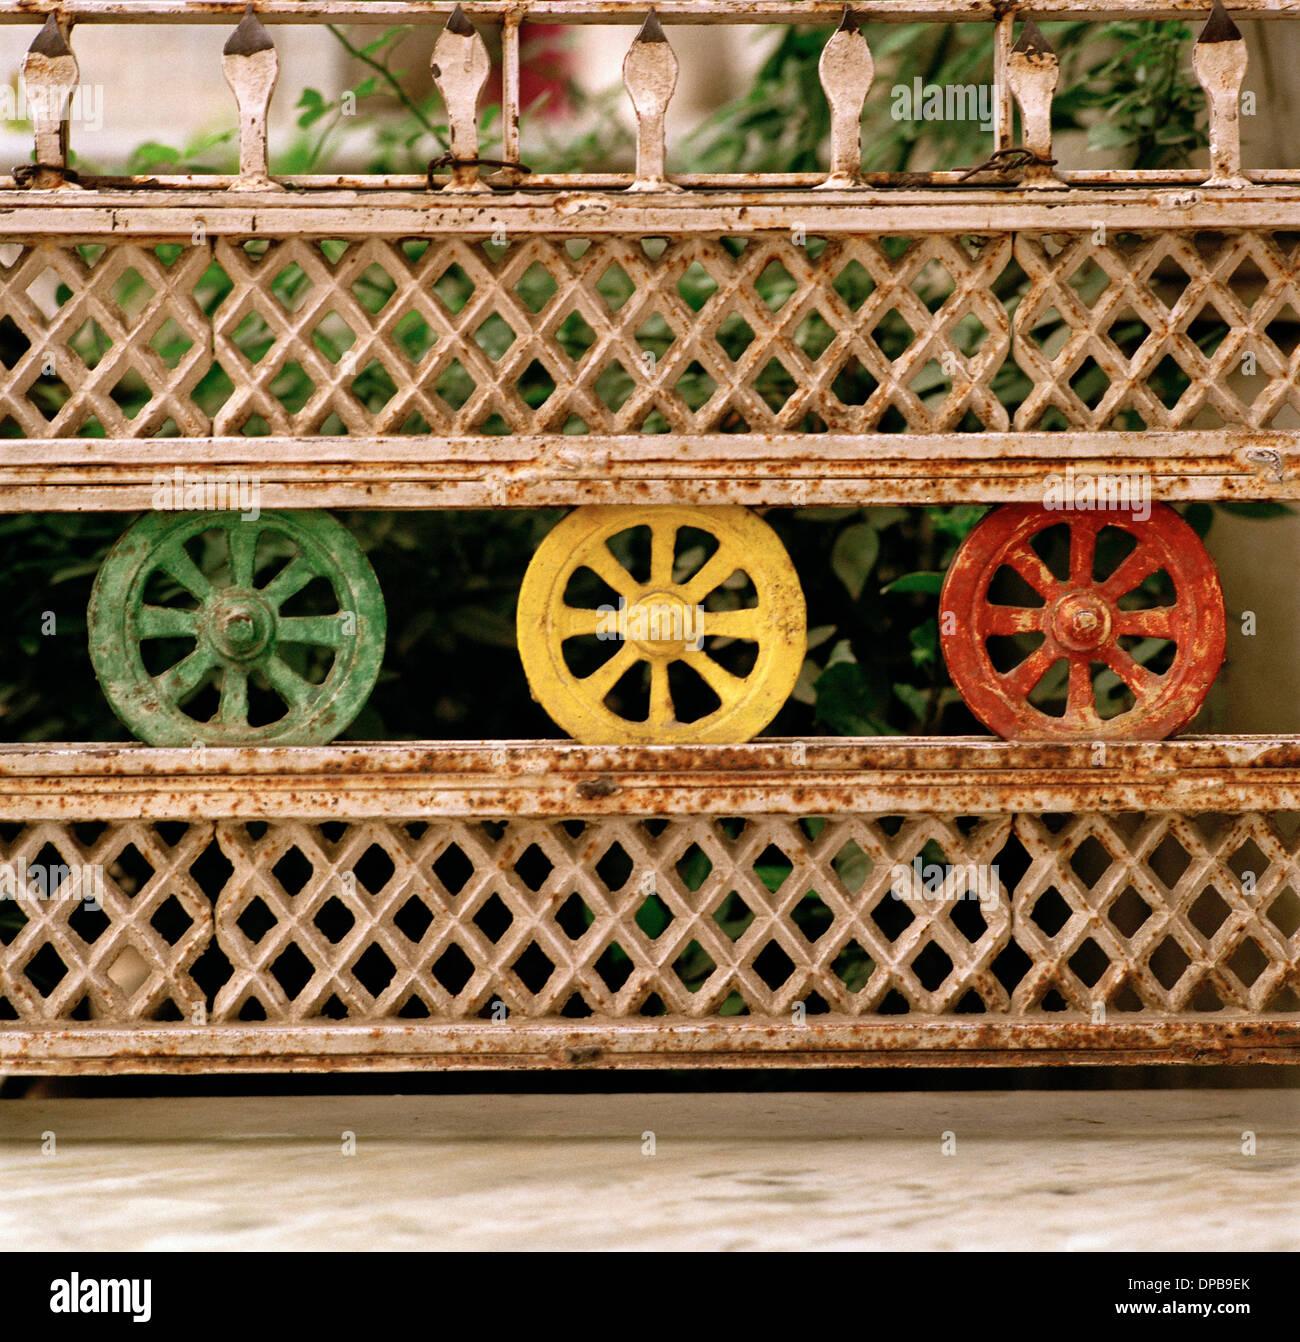 la photographie documentaire - symbolisme dans l'architecture dans